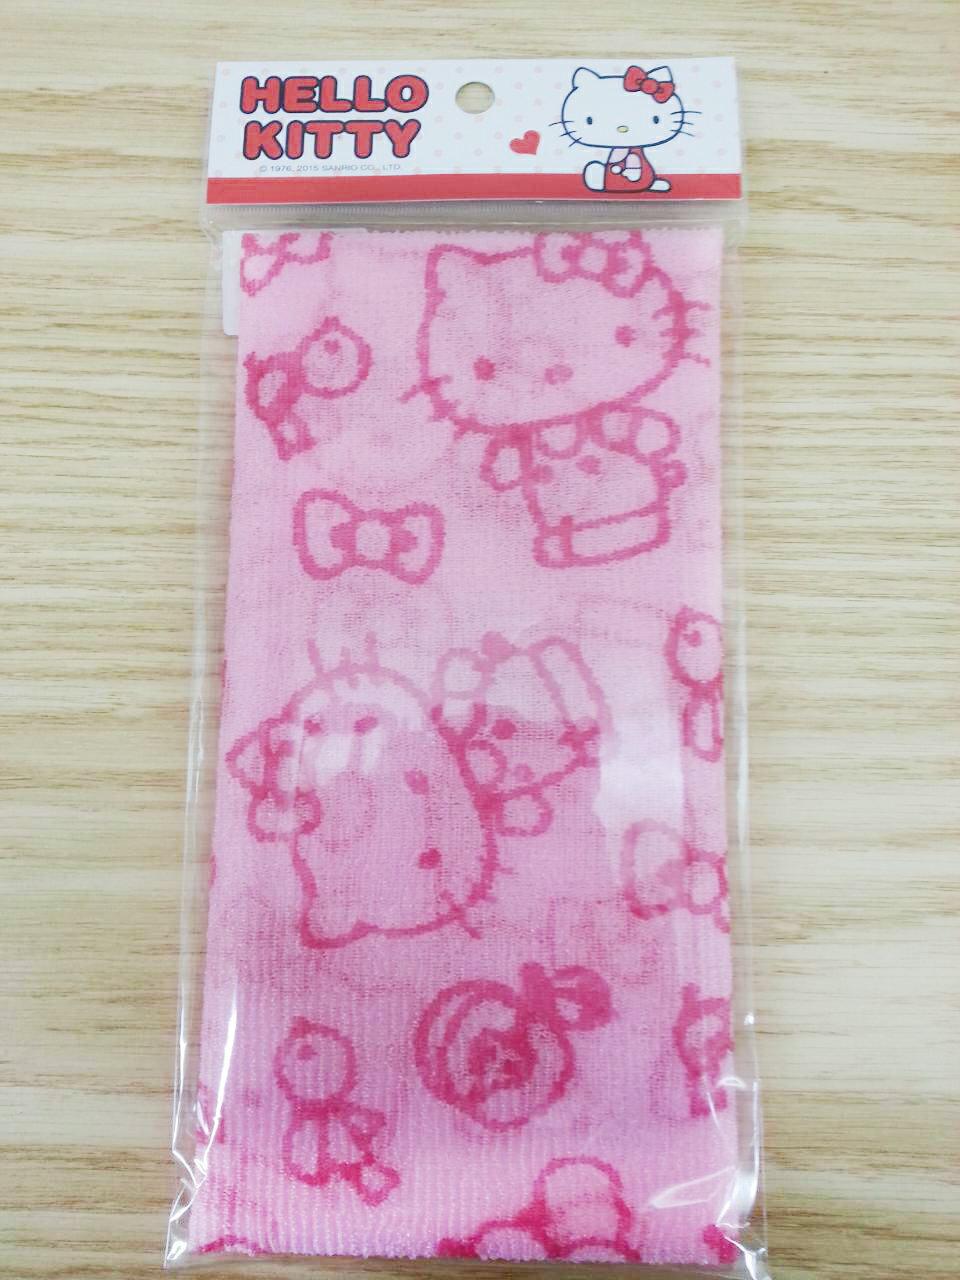 【真愛日本】16013000022 沐浴巾-KT粉 KITTY 凱蒂貓 三麗鷗 沐浴巾 澡巾 生活用品